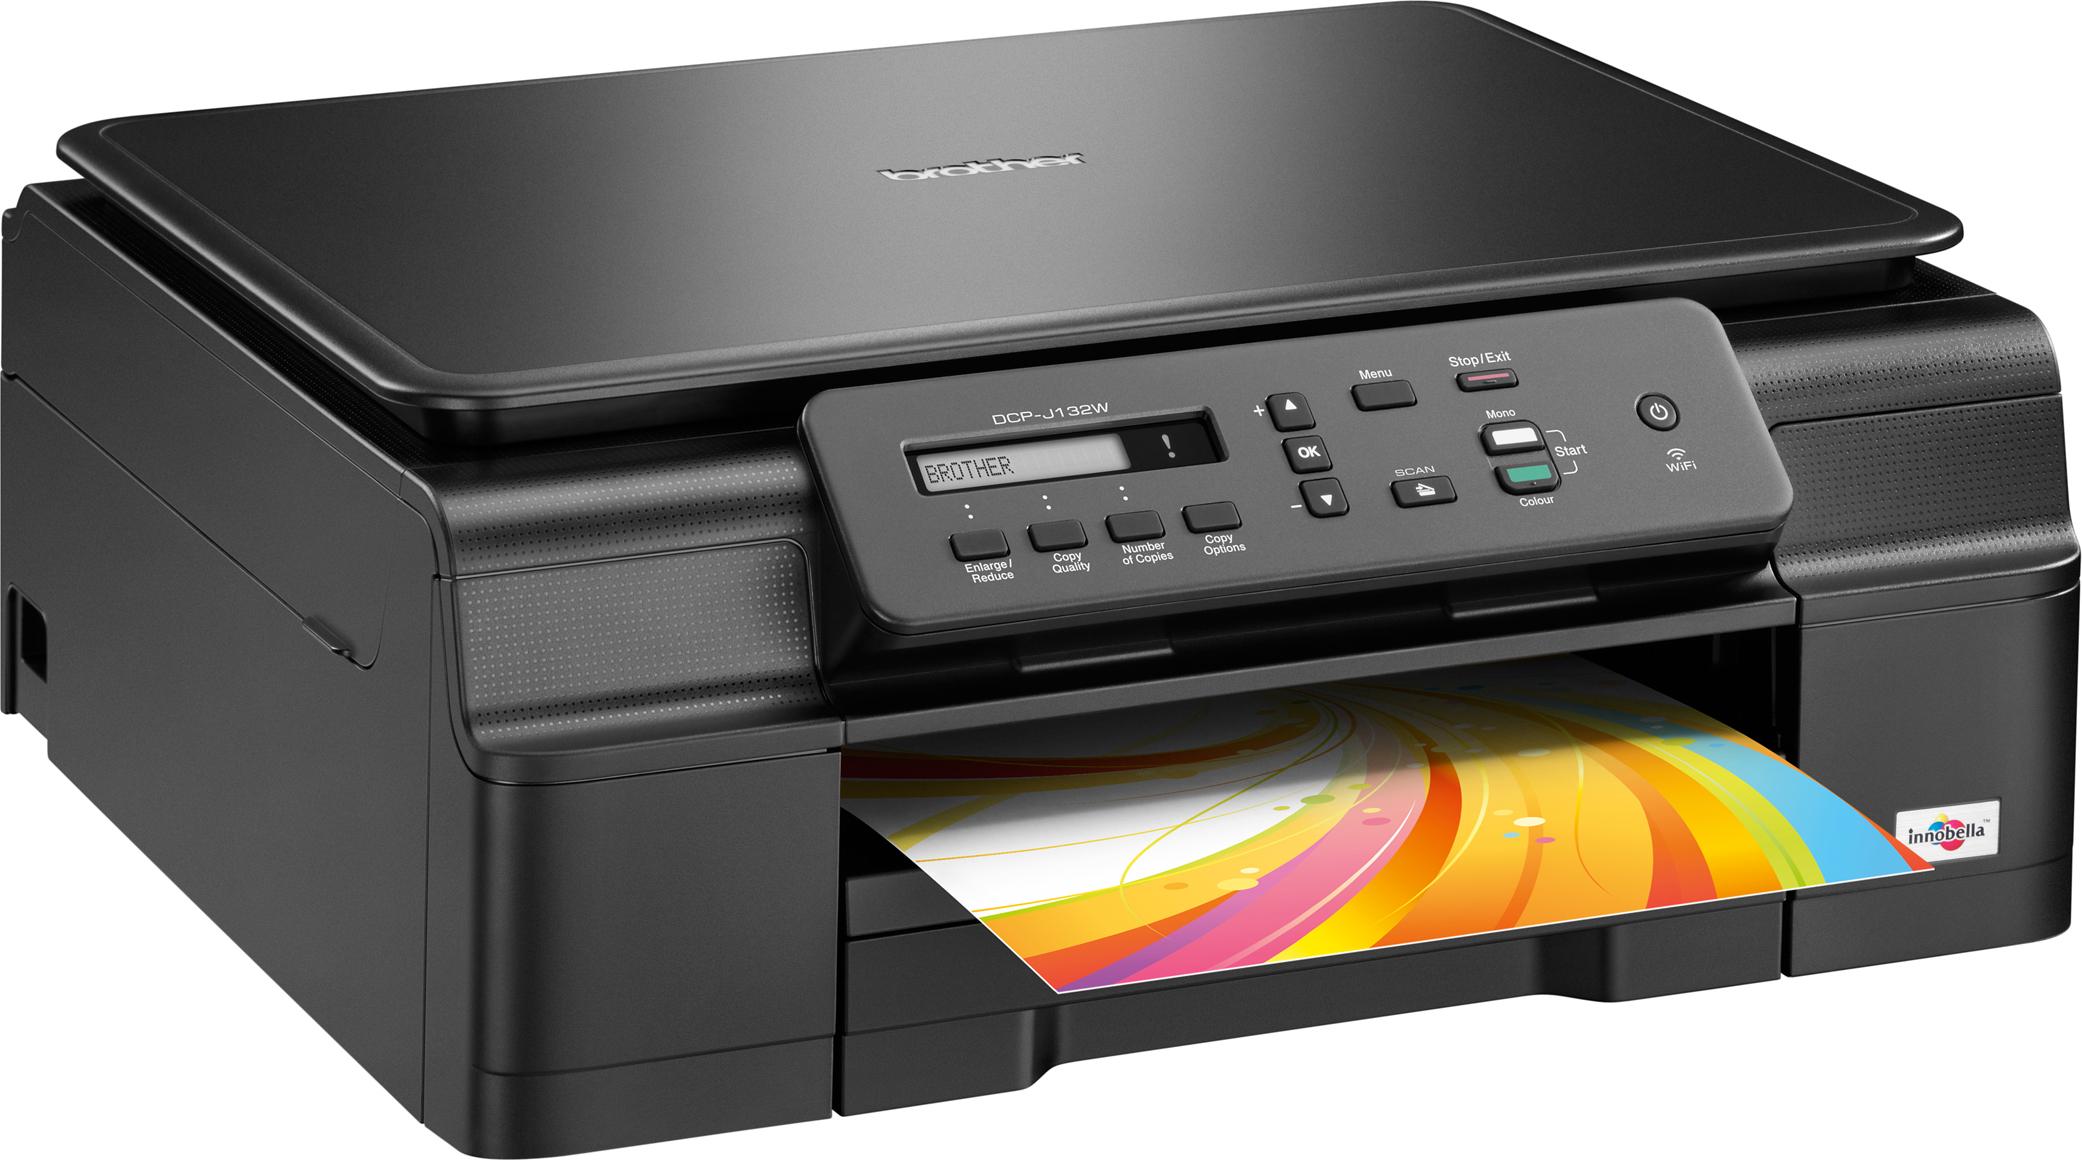 Impresora Brother DCP-J152W